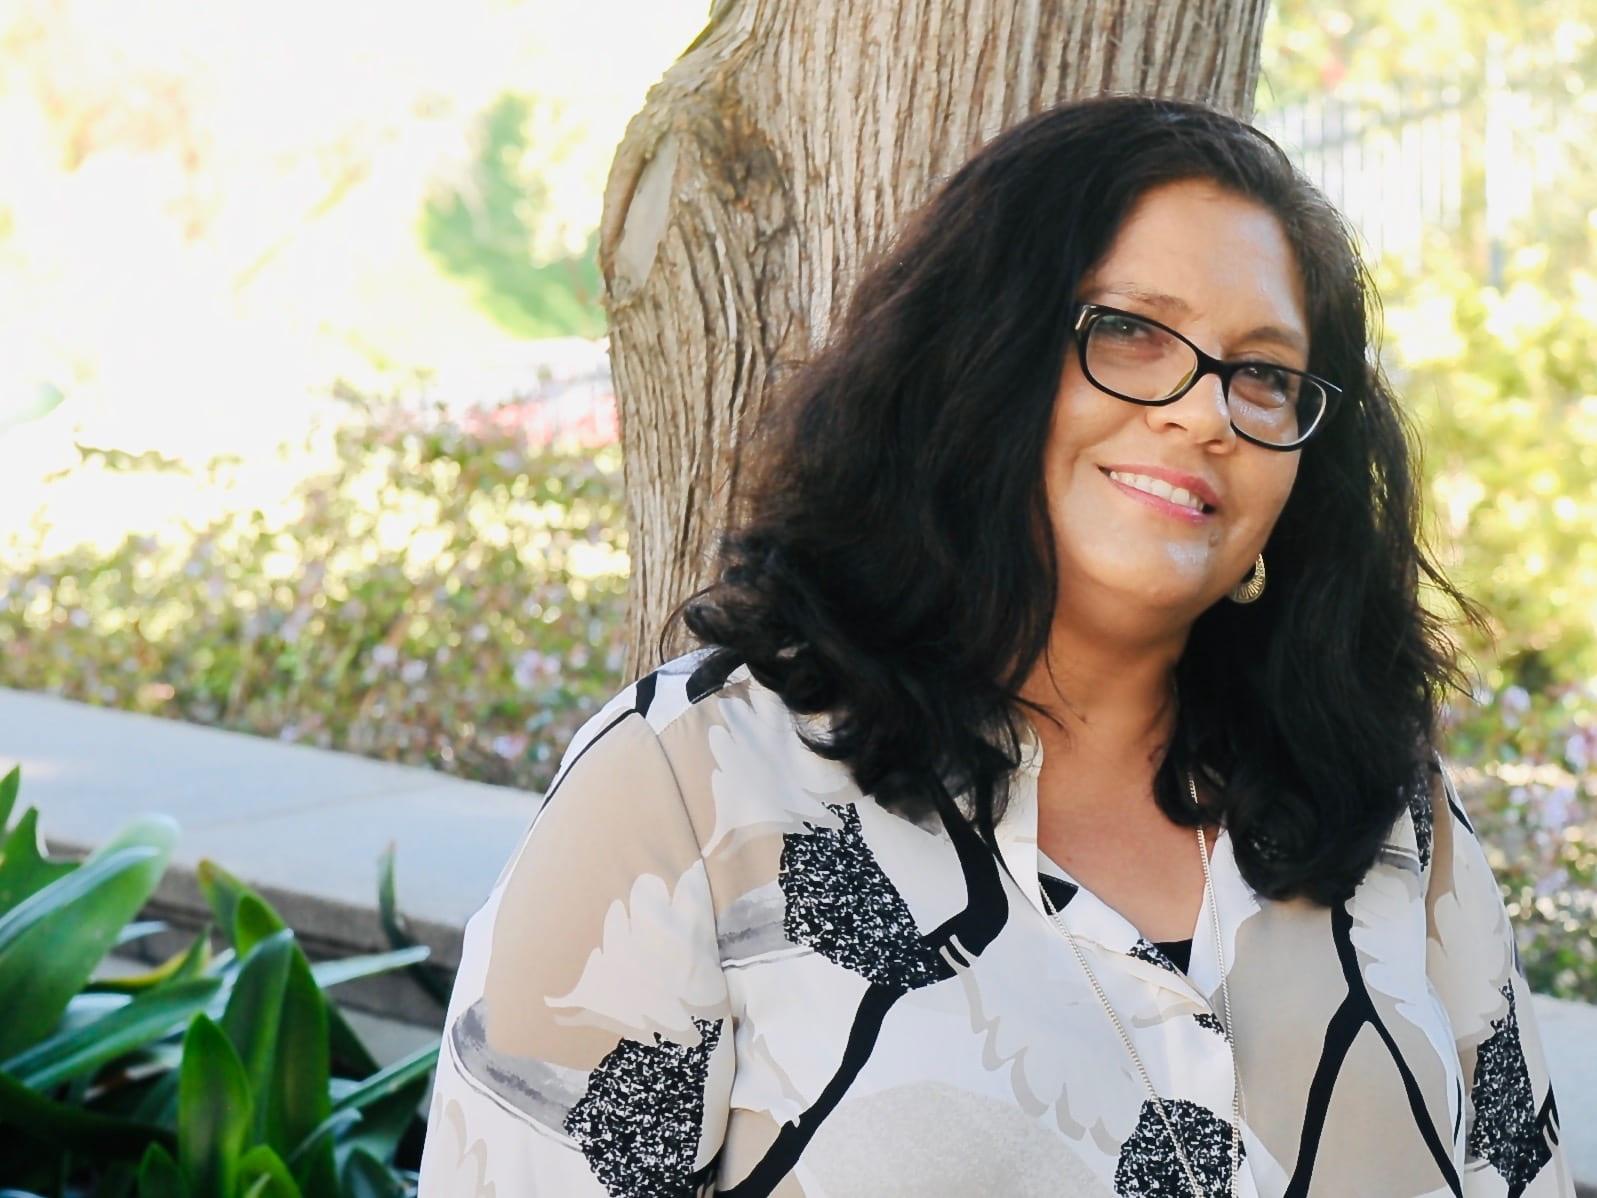 Maria del Pilar O'Cadiz ı Project Coordinator